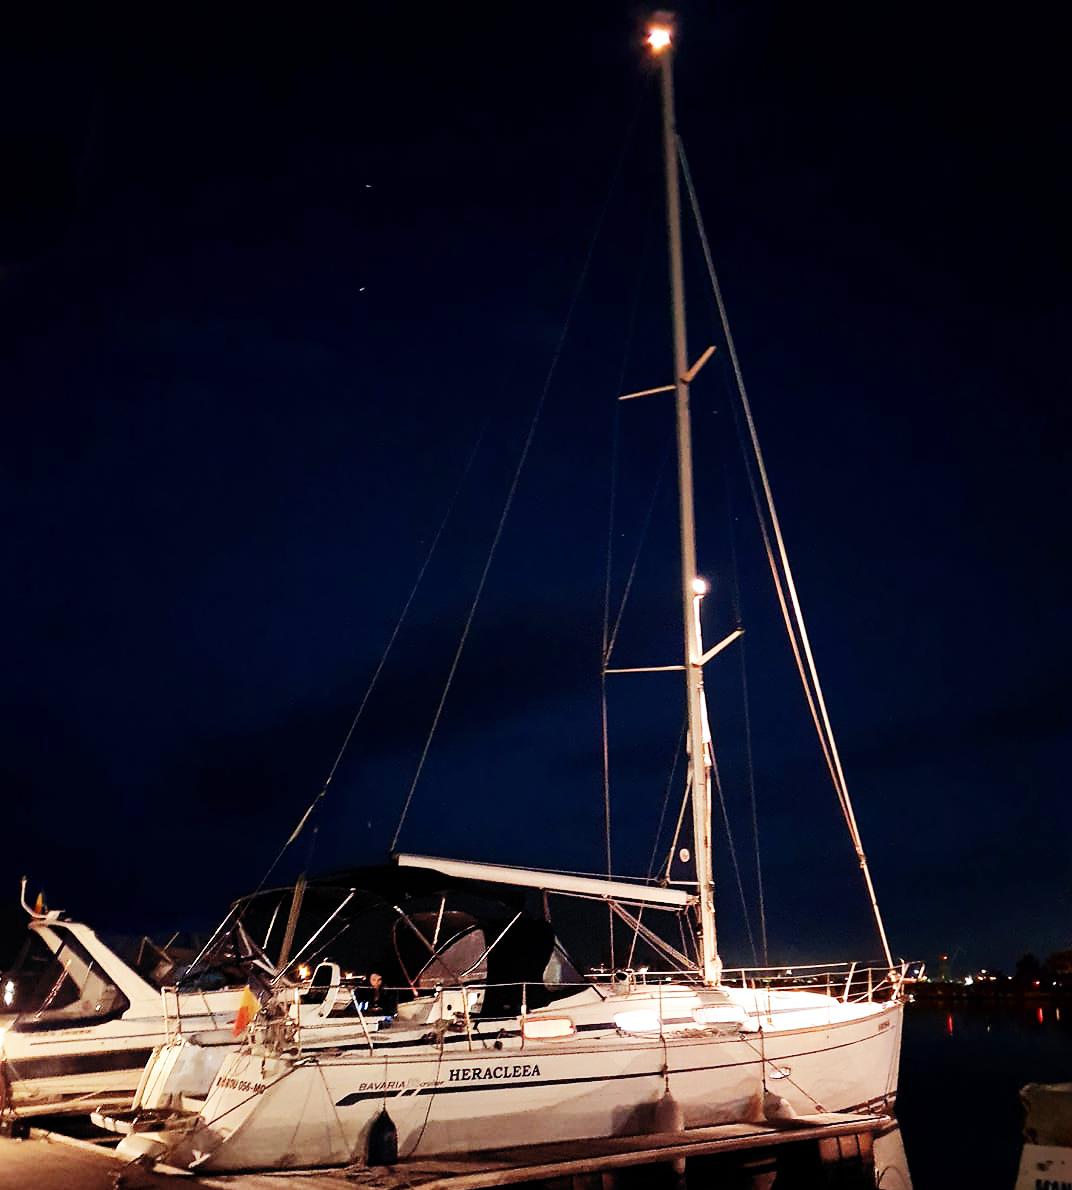 """Petrecere de neuitat pe yachtul """"Heracleea"""" la Marea Neagră"""